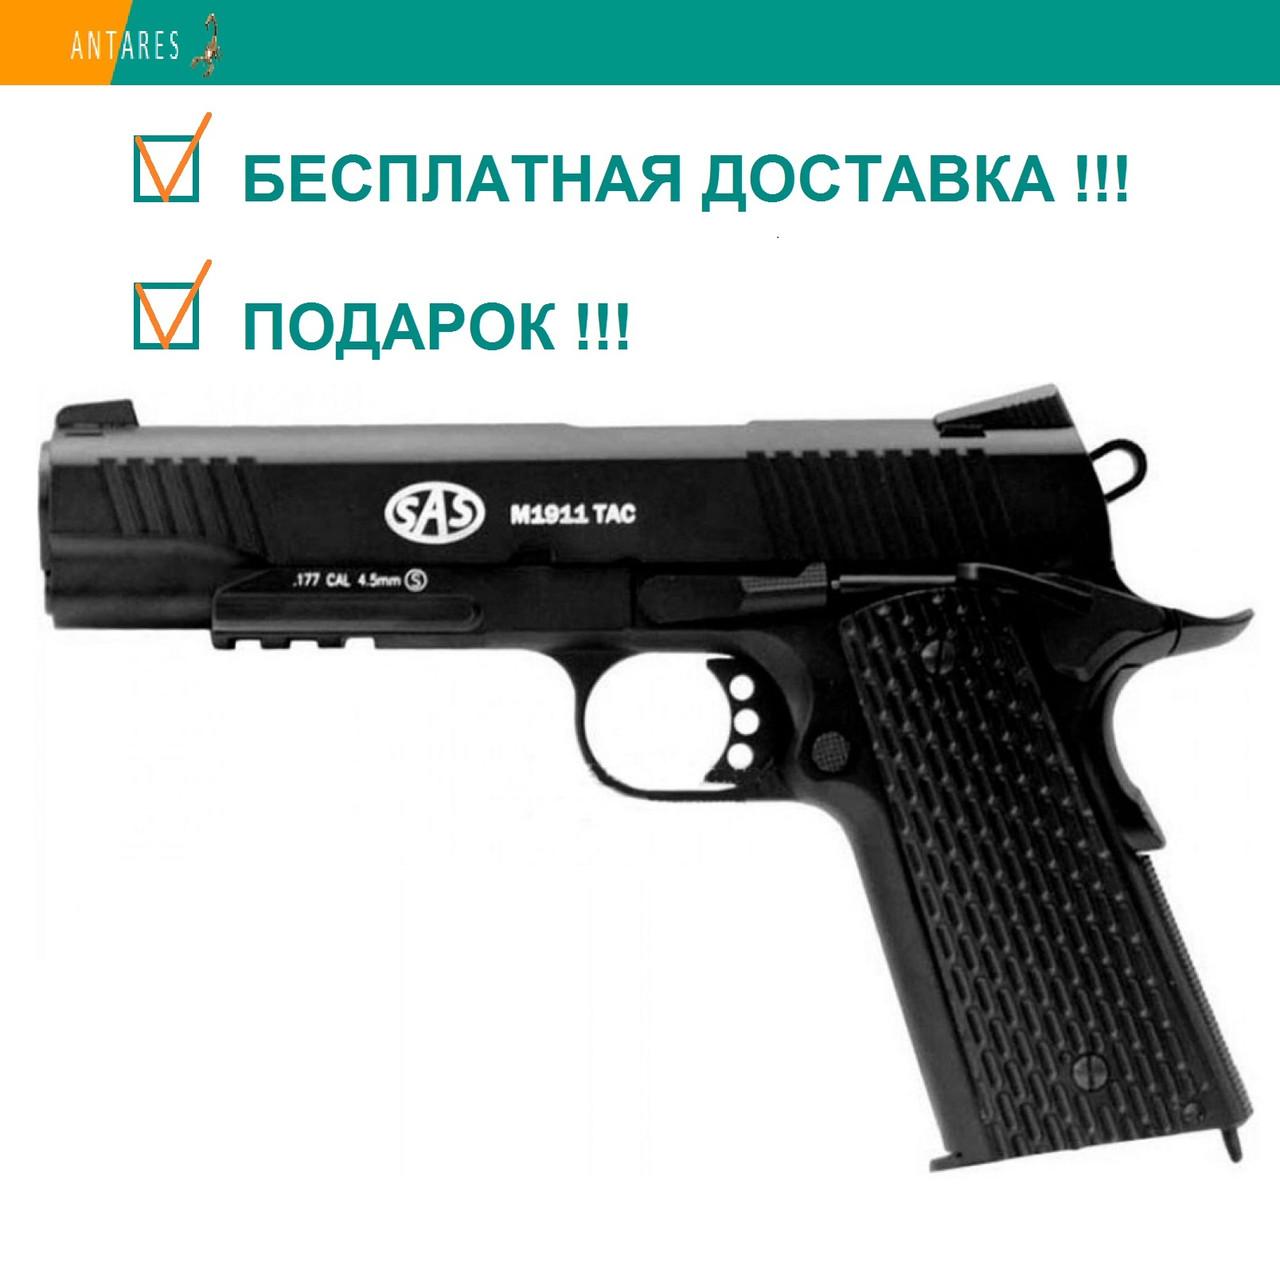 Пневматический пистолет SAS M1911 Tactical KMB-77AHN Colt Blowback Кольт блоубэк газобаллонный CO2 100 м/с